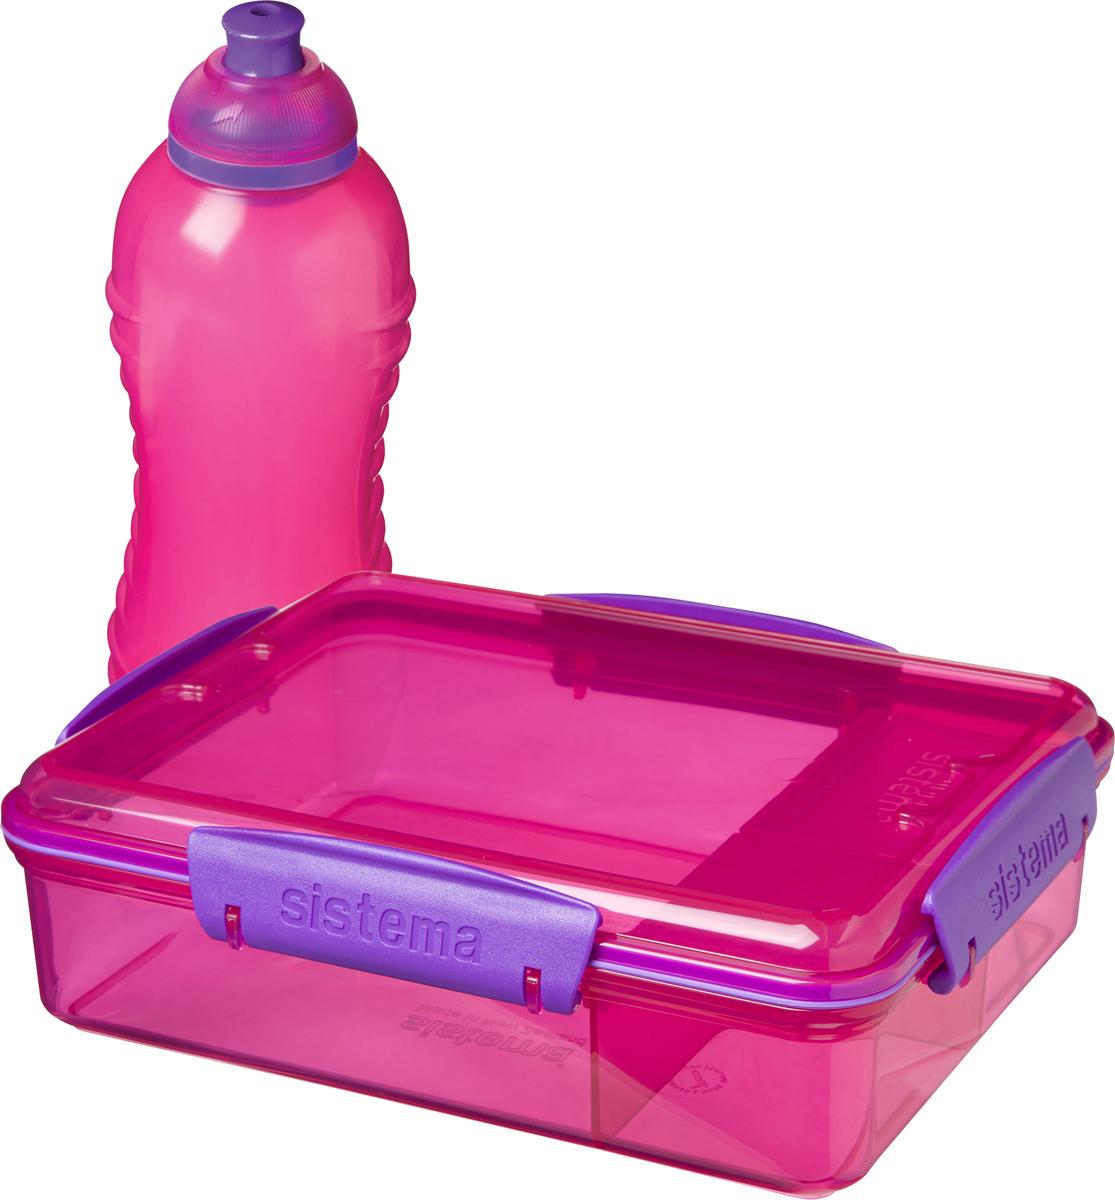 Набор Sistema: контейнер с разделителями 975 мл и бутылка для воды 330 мл, цвет: красный